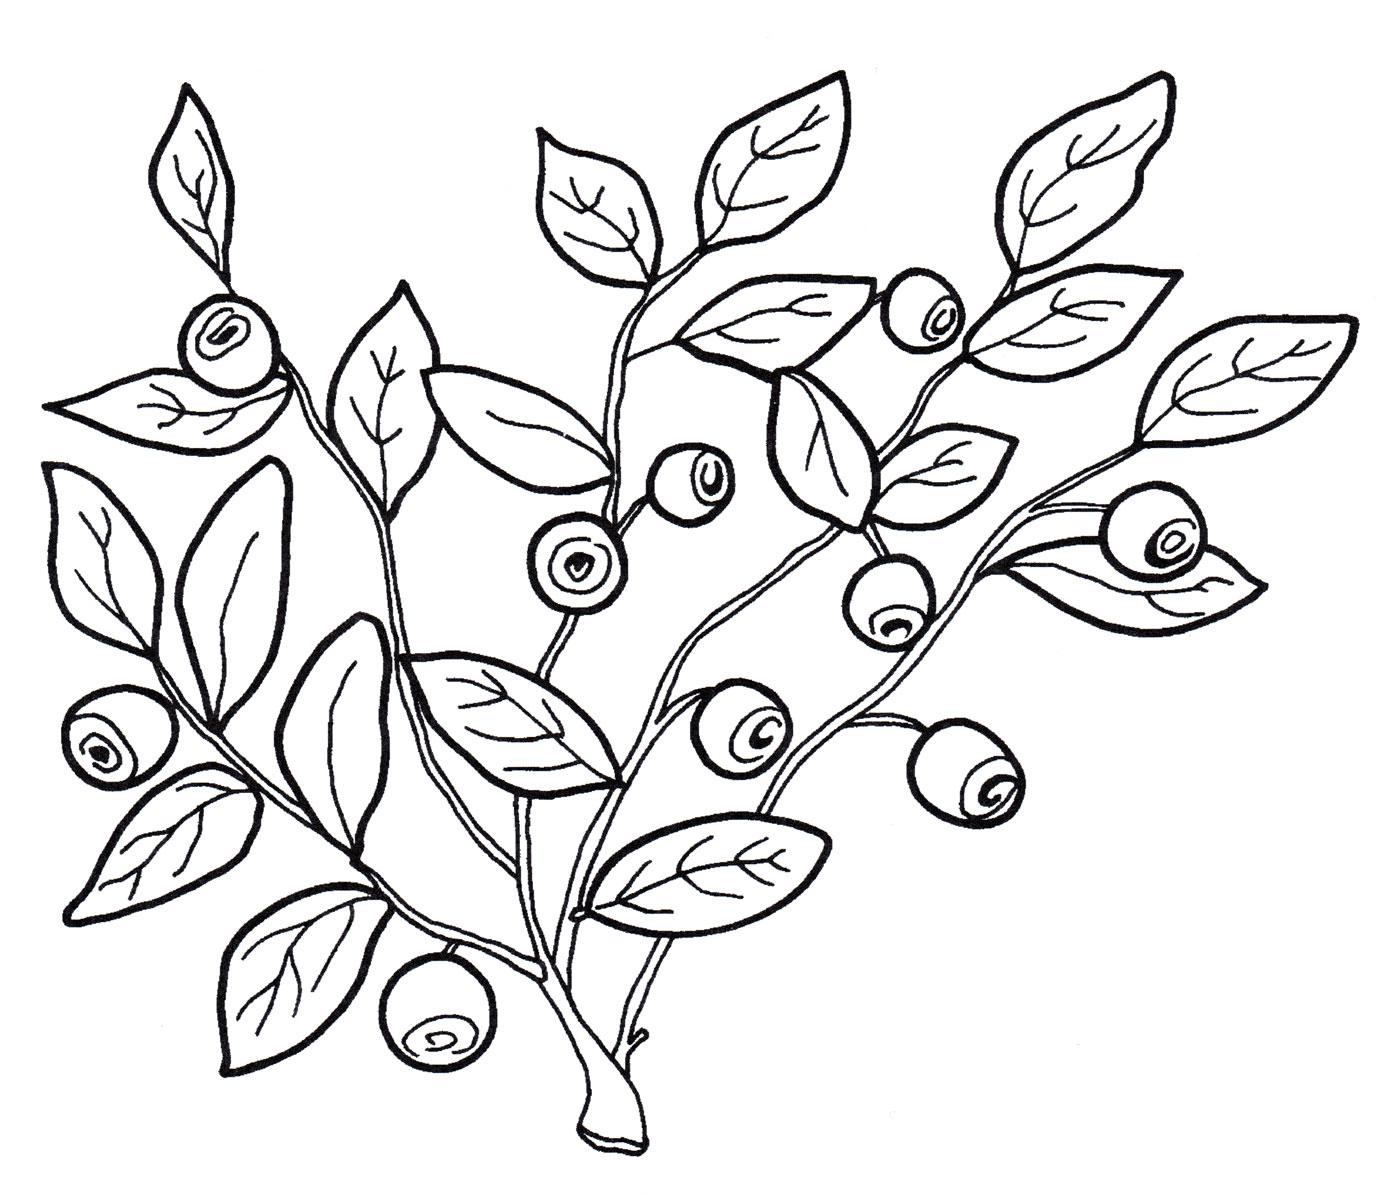 раздал картинки для рисования голубика внутренние, внешние факторы